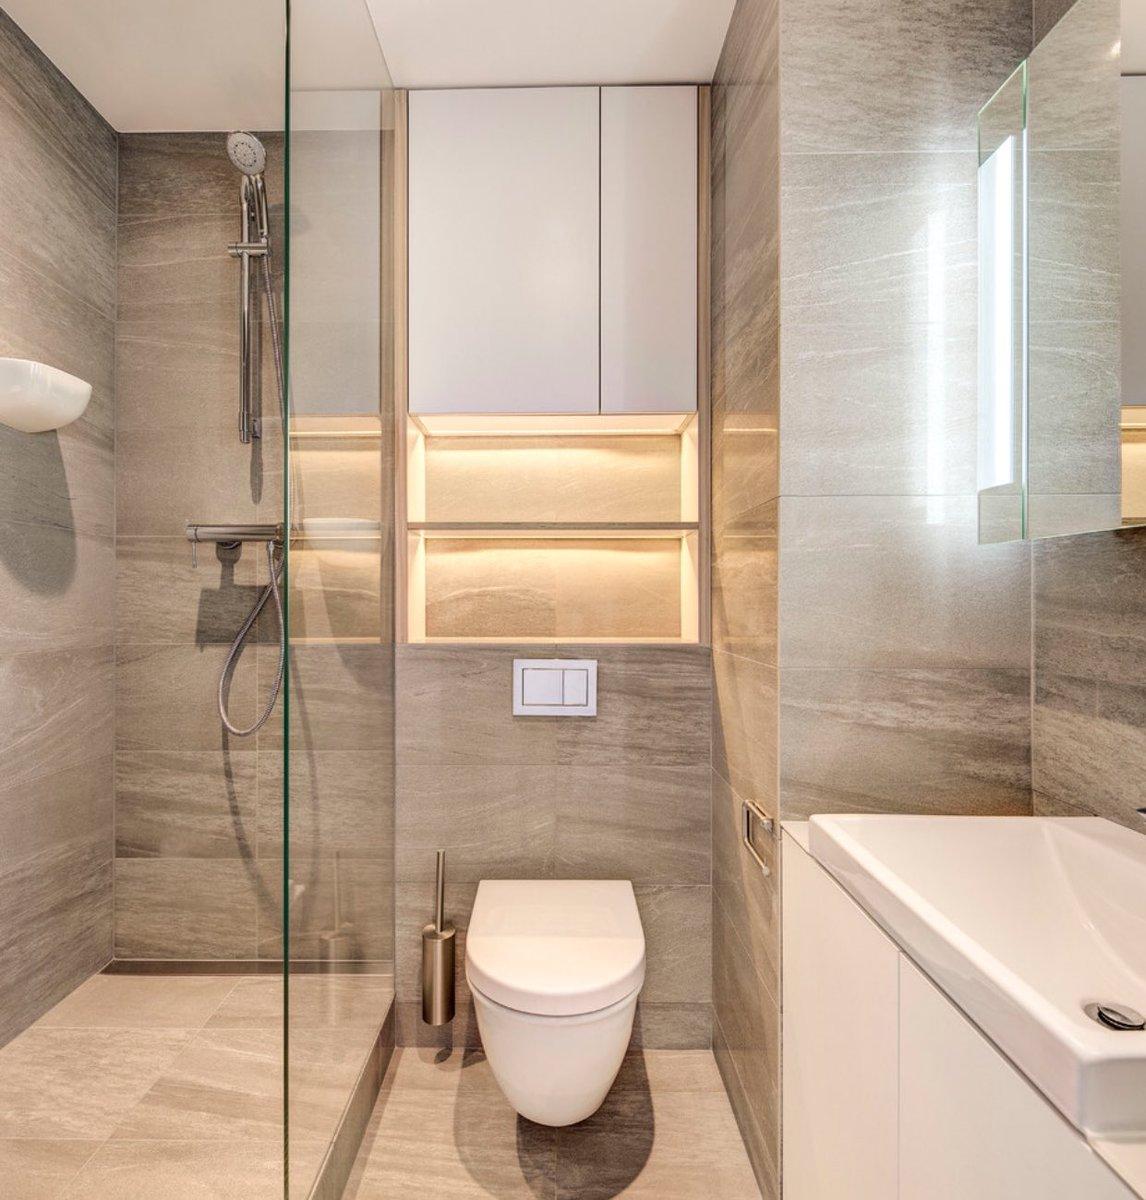 بالصور ديكور حمامات صغيرة , تعرف على احدث ديكور للحمامات الصغيرة 2060 2